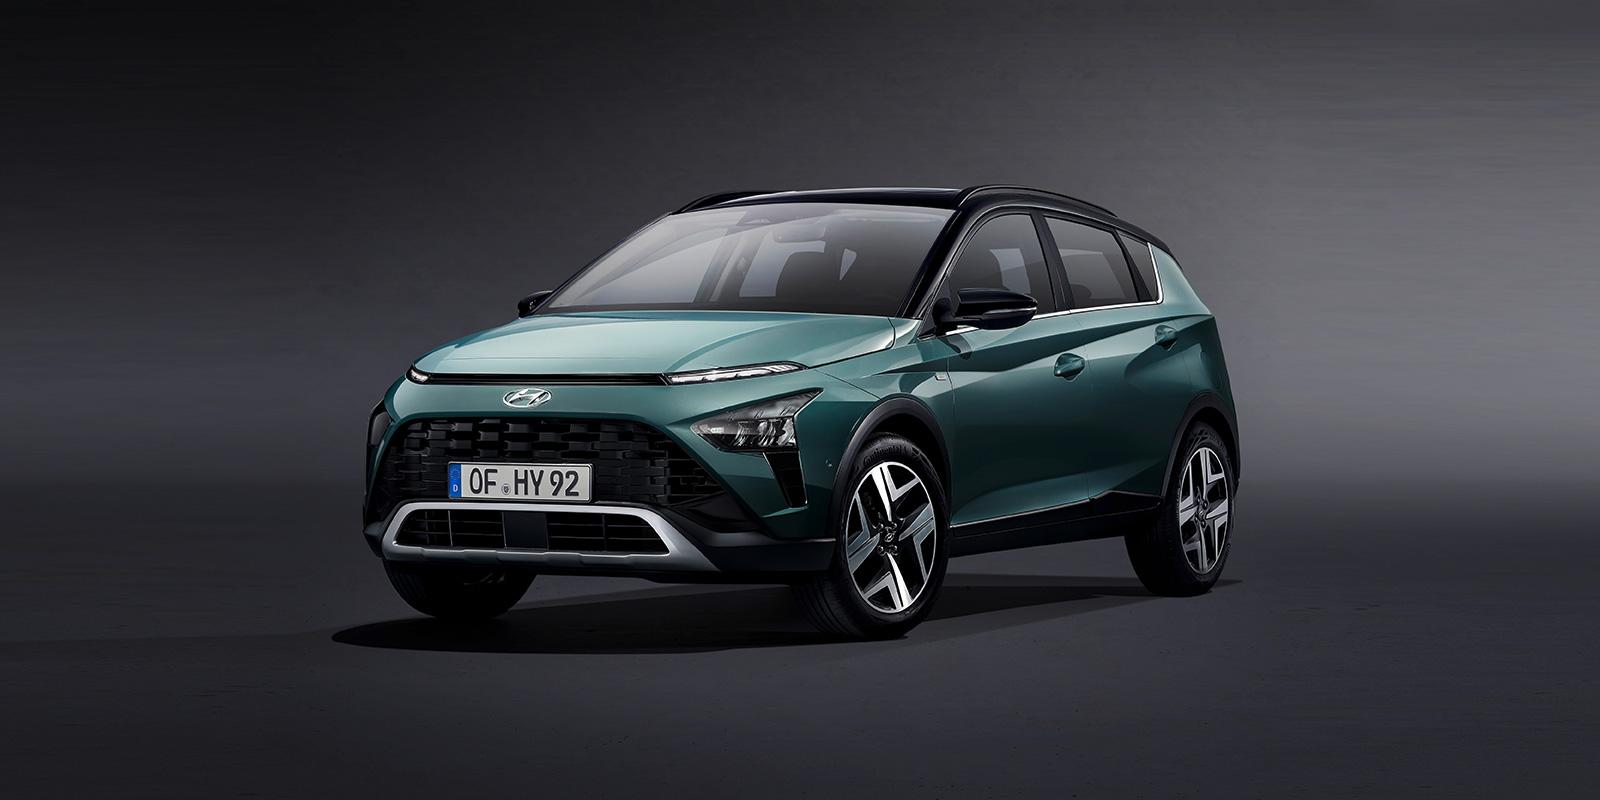 Der neue, kleine Hyundai SUV Bayon